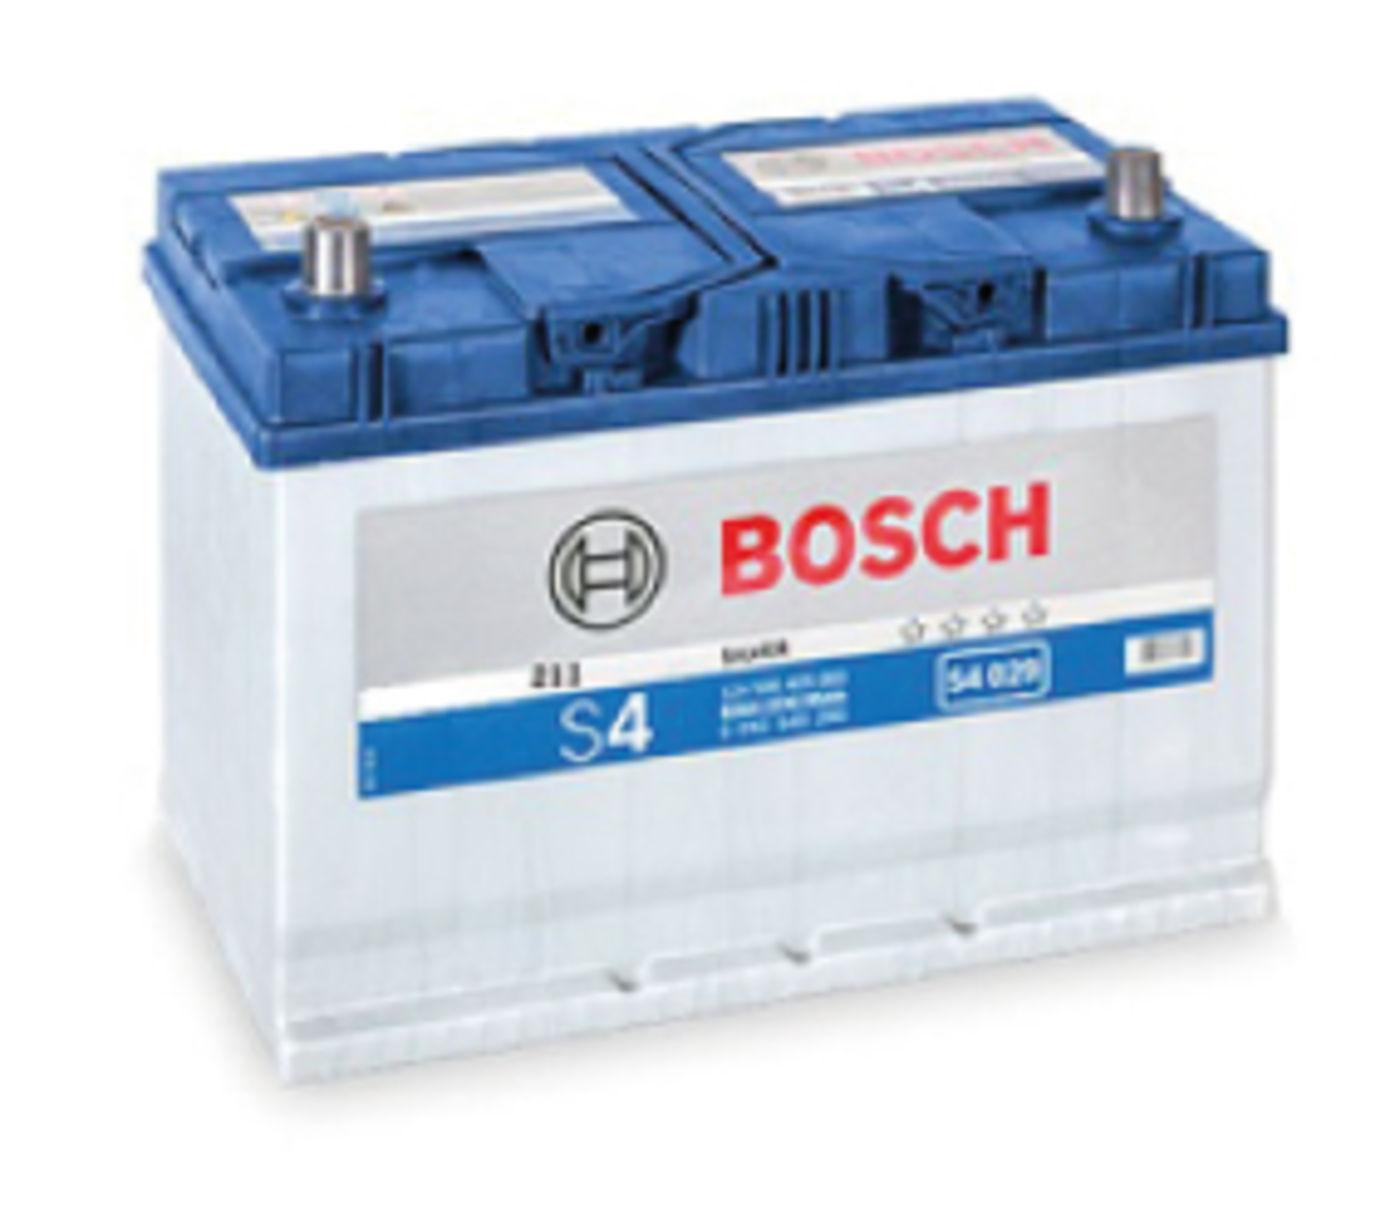 Bosch 55 HP LM